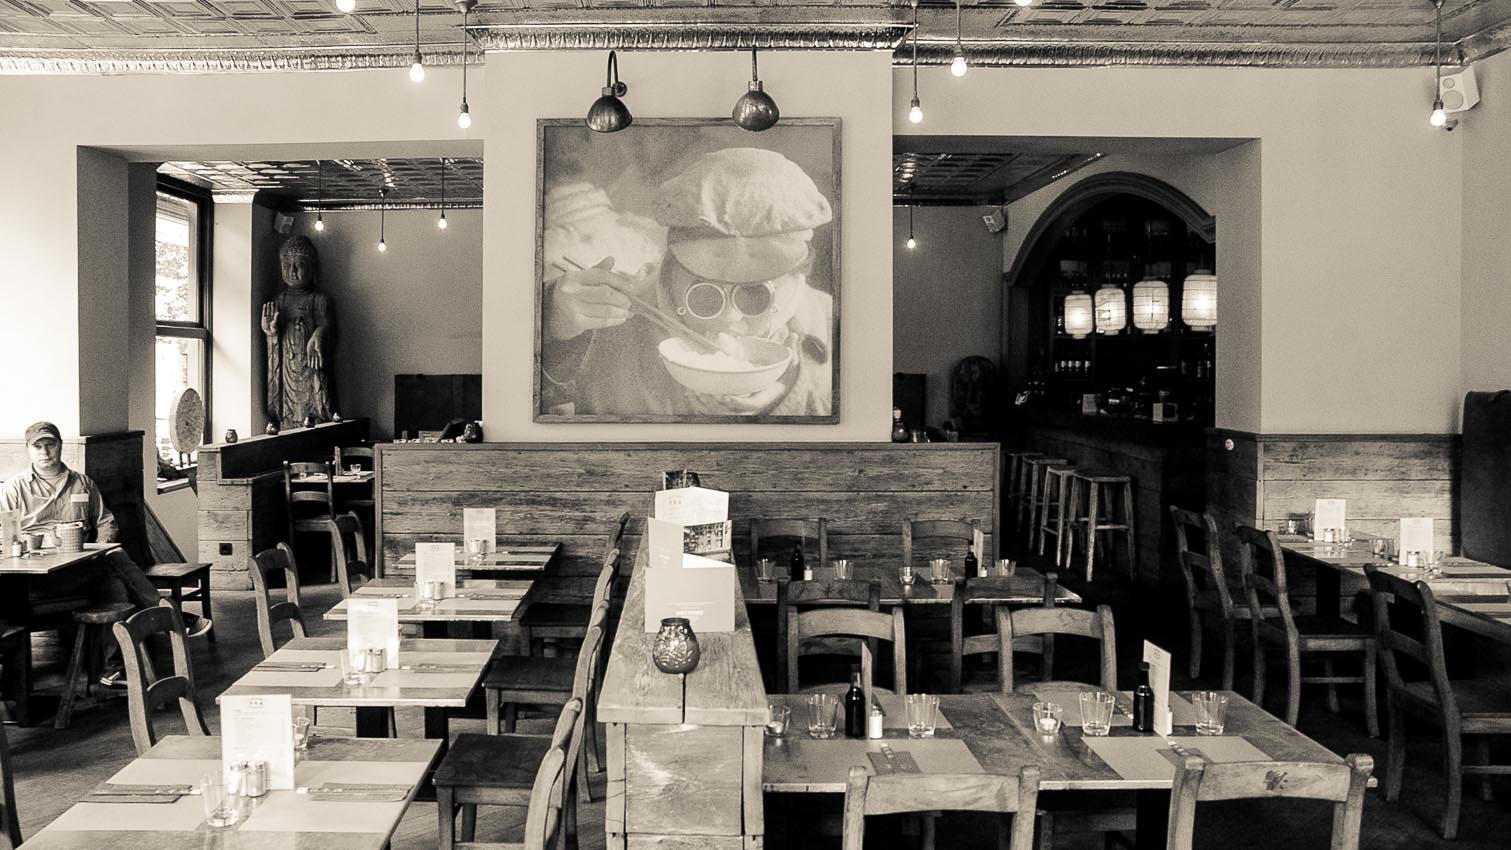 39-cafe-bar-resto-nightclub-decors-film-cinema-photo-belgium-bruxelles